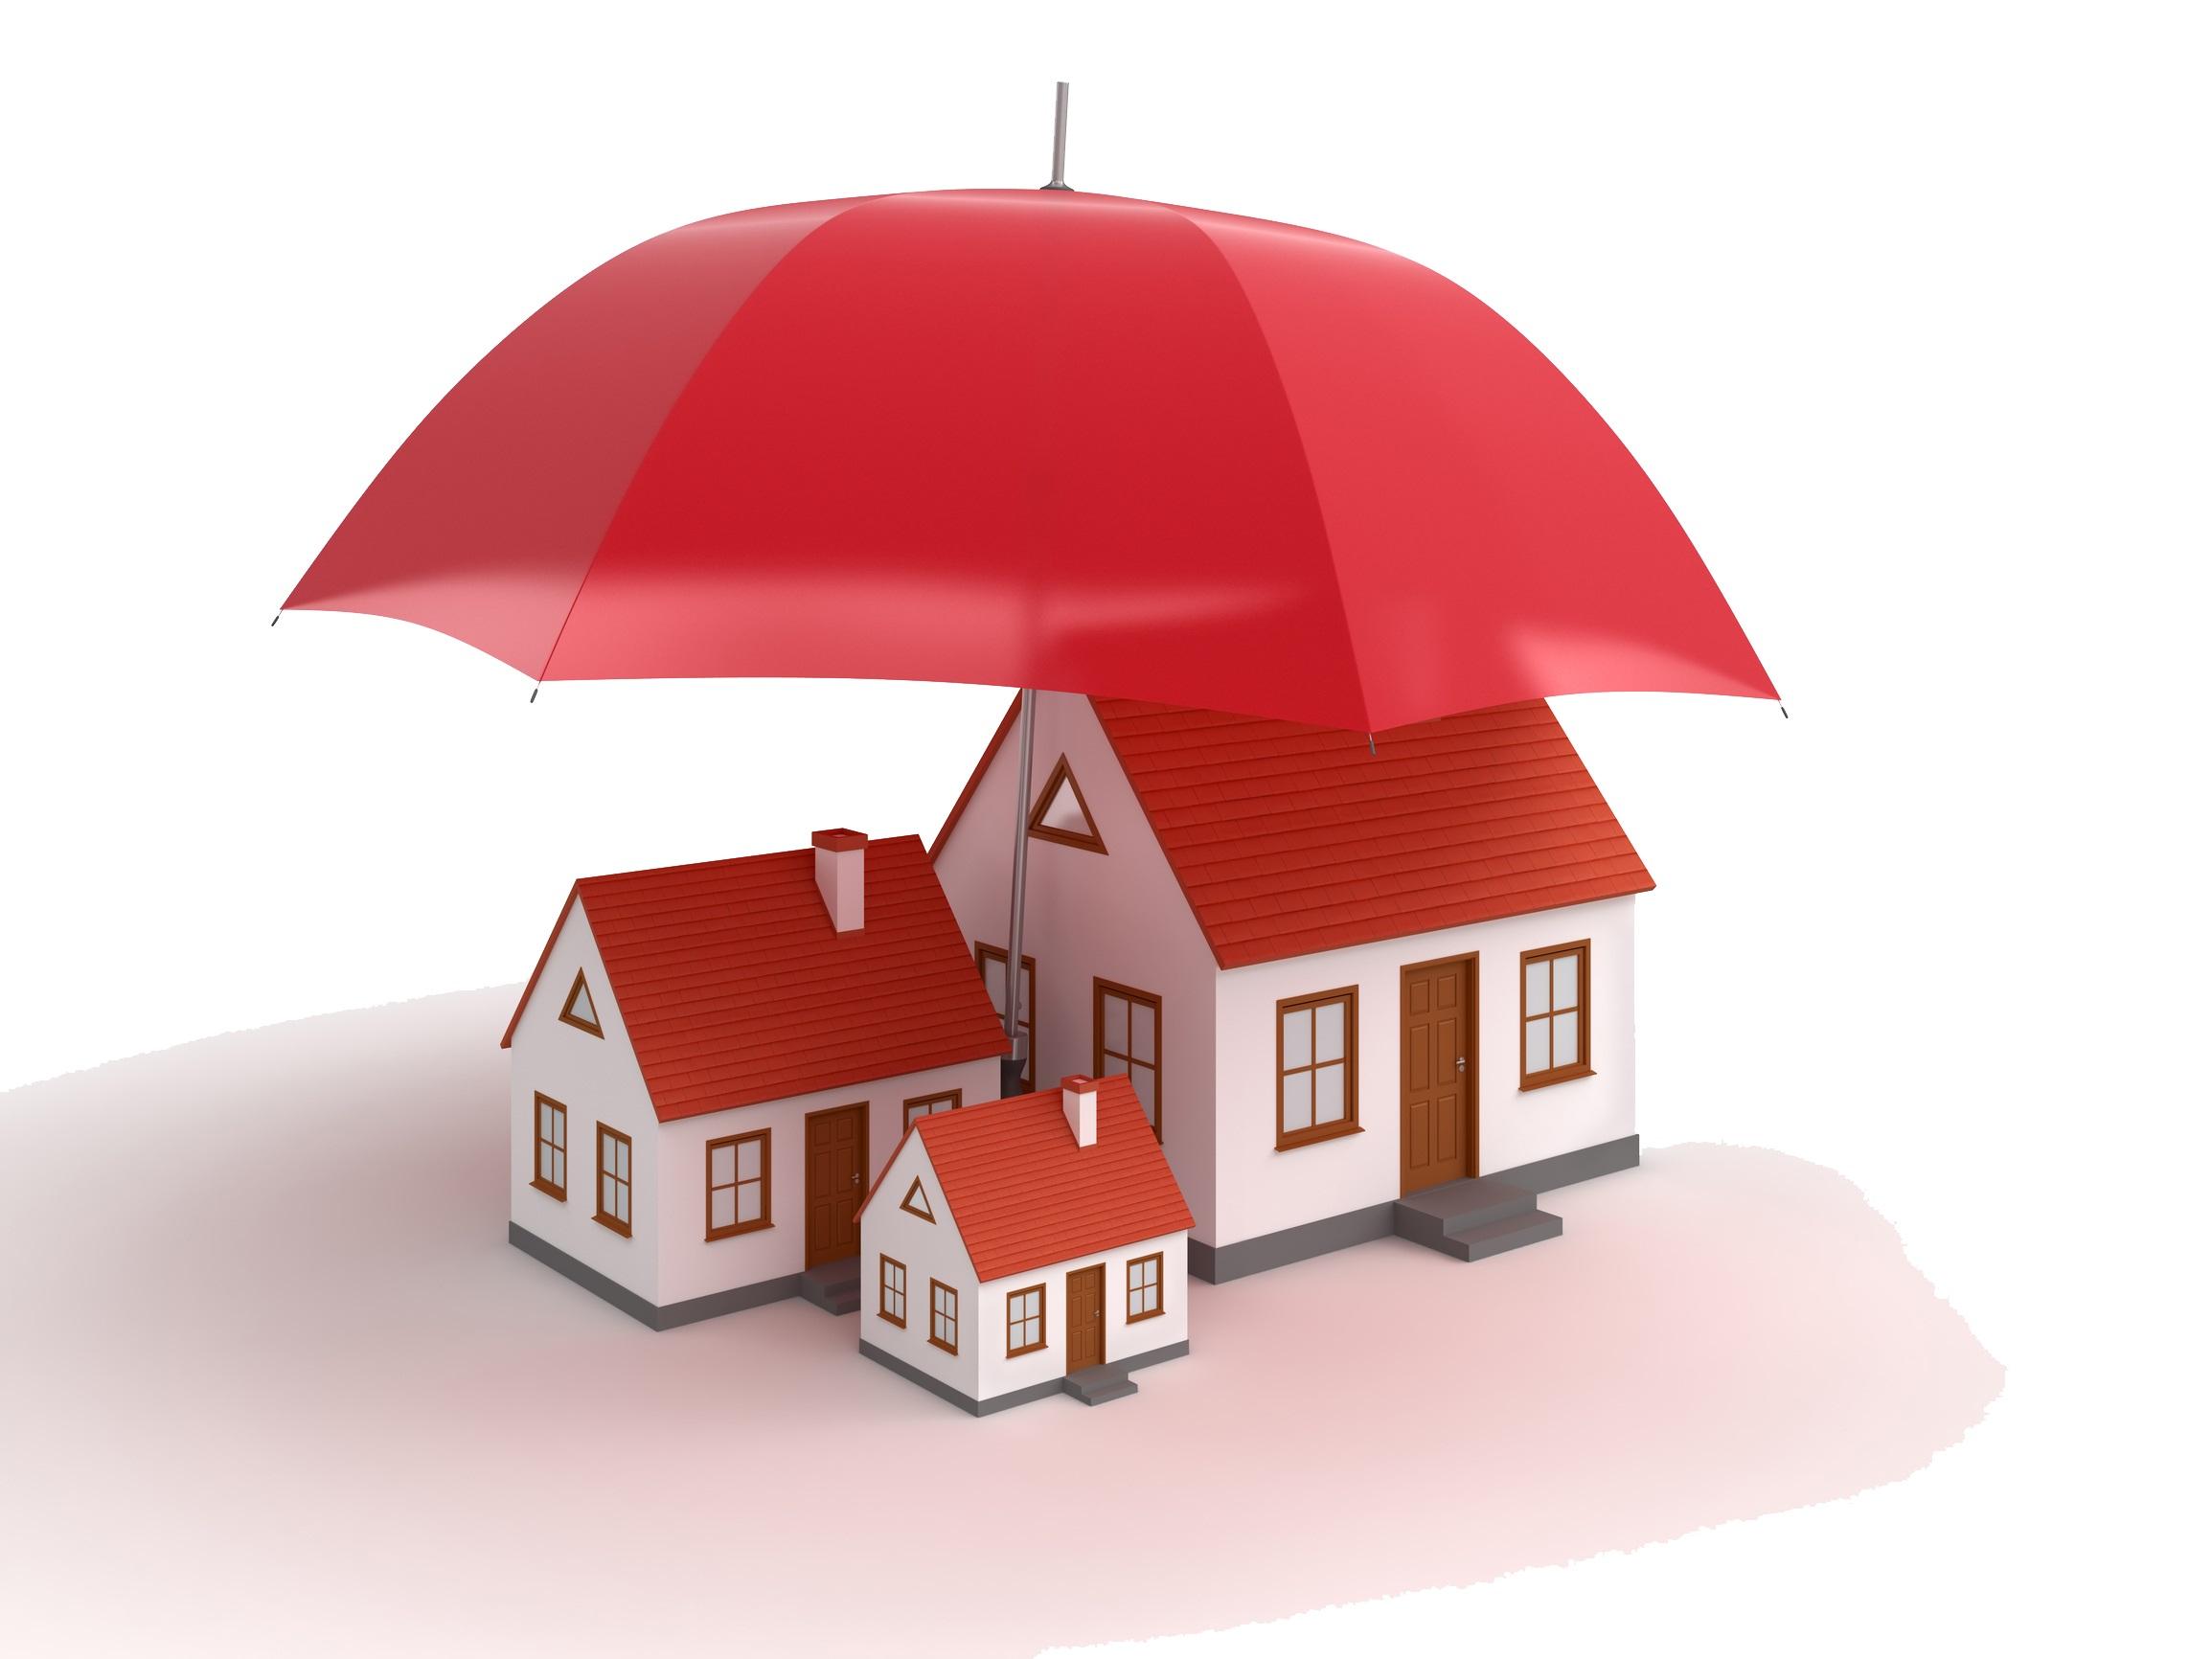 Photo of Home Insurance लेना क्यों है जरूरी,आपको मिलते हैं ये सारे फायदे नुकसान की काफी हद तक भरपाई